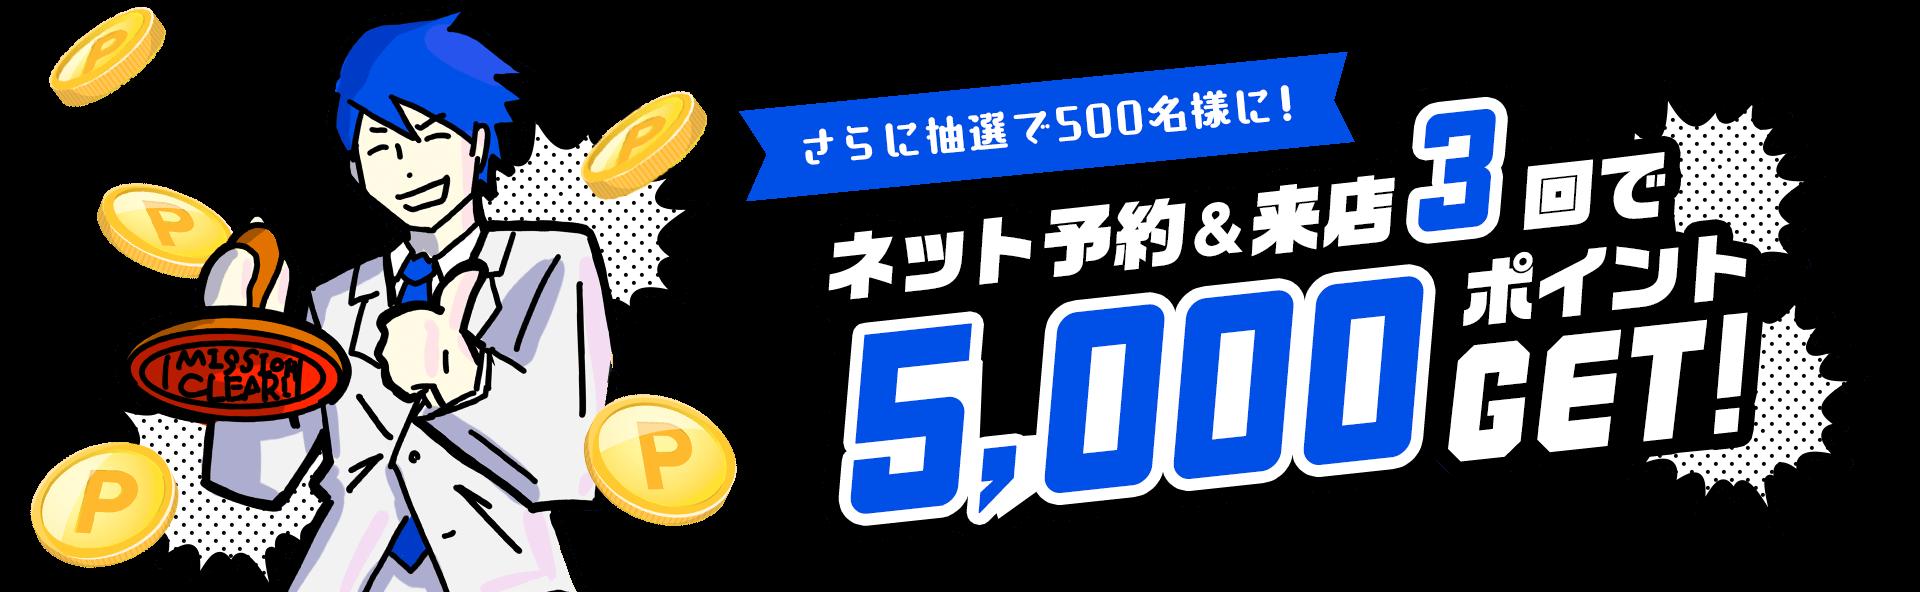 さらに抽選で500名様に、ネット予約&来店3回で5,000ポイント!